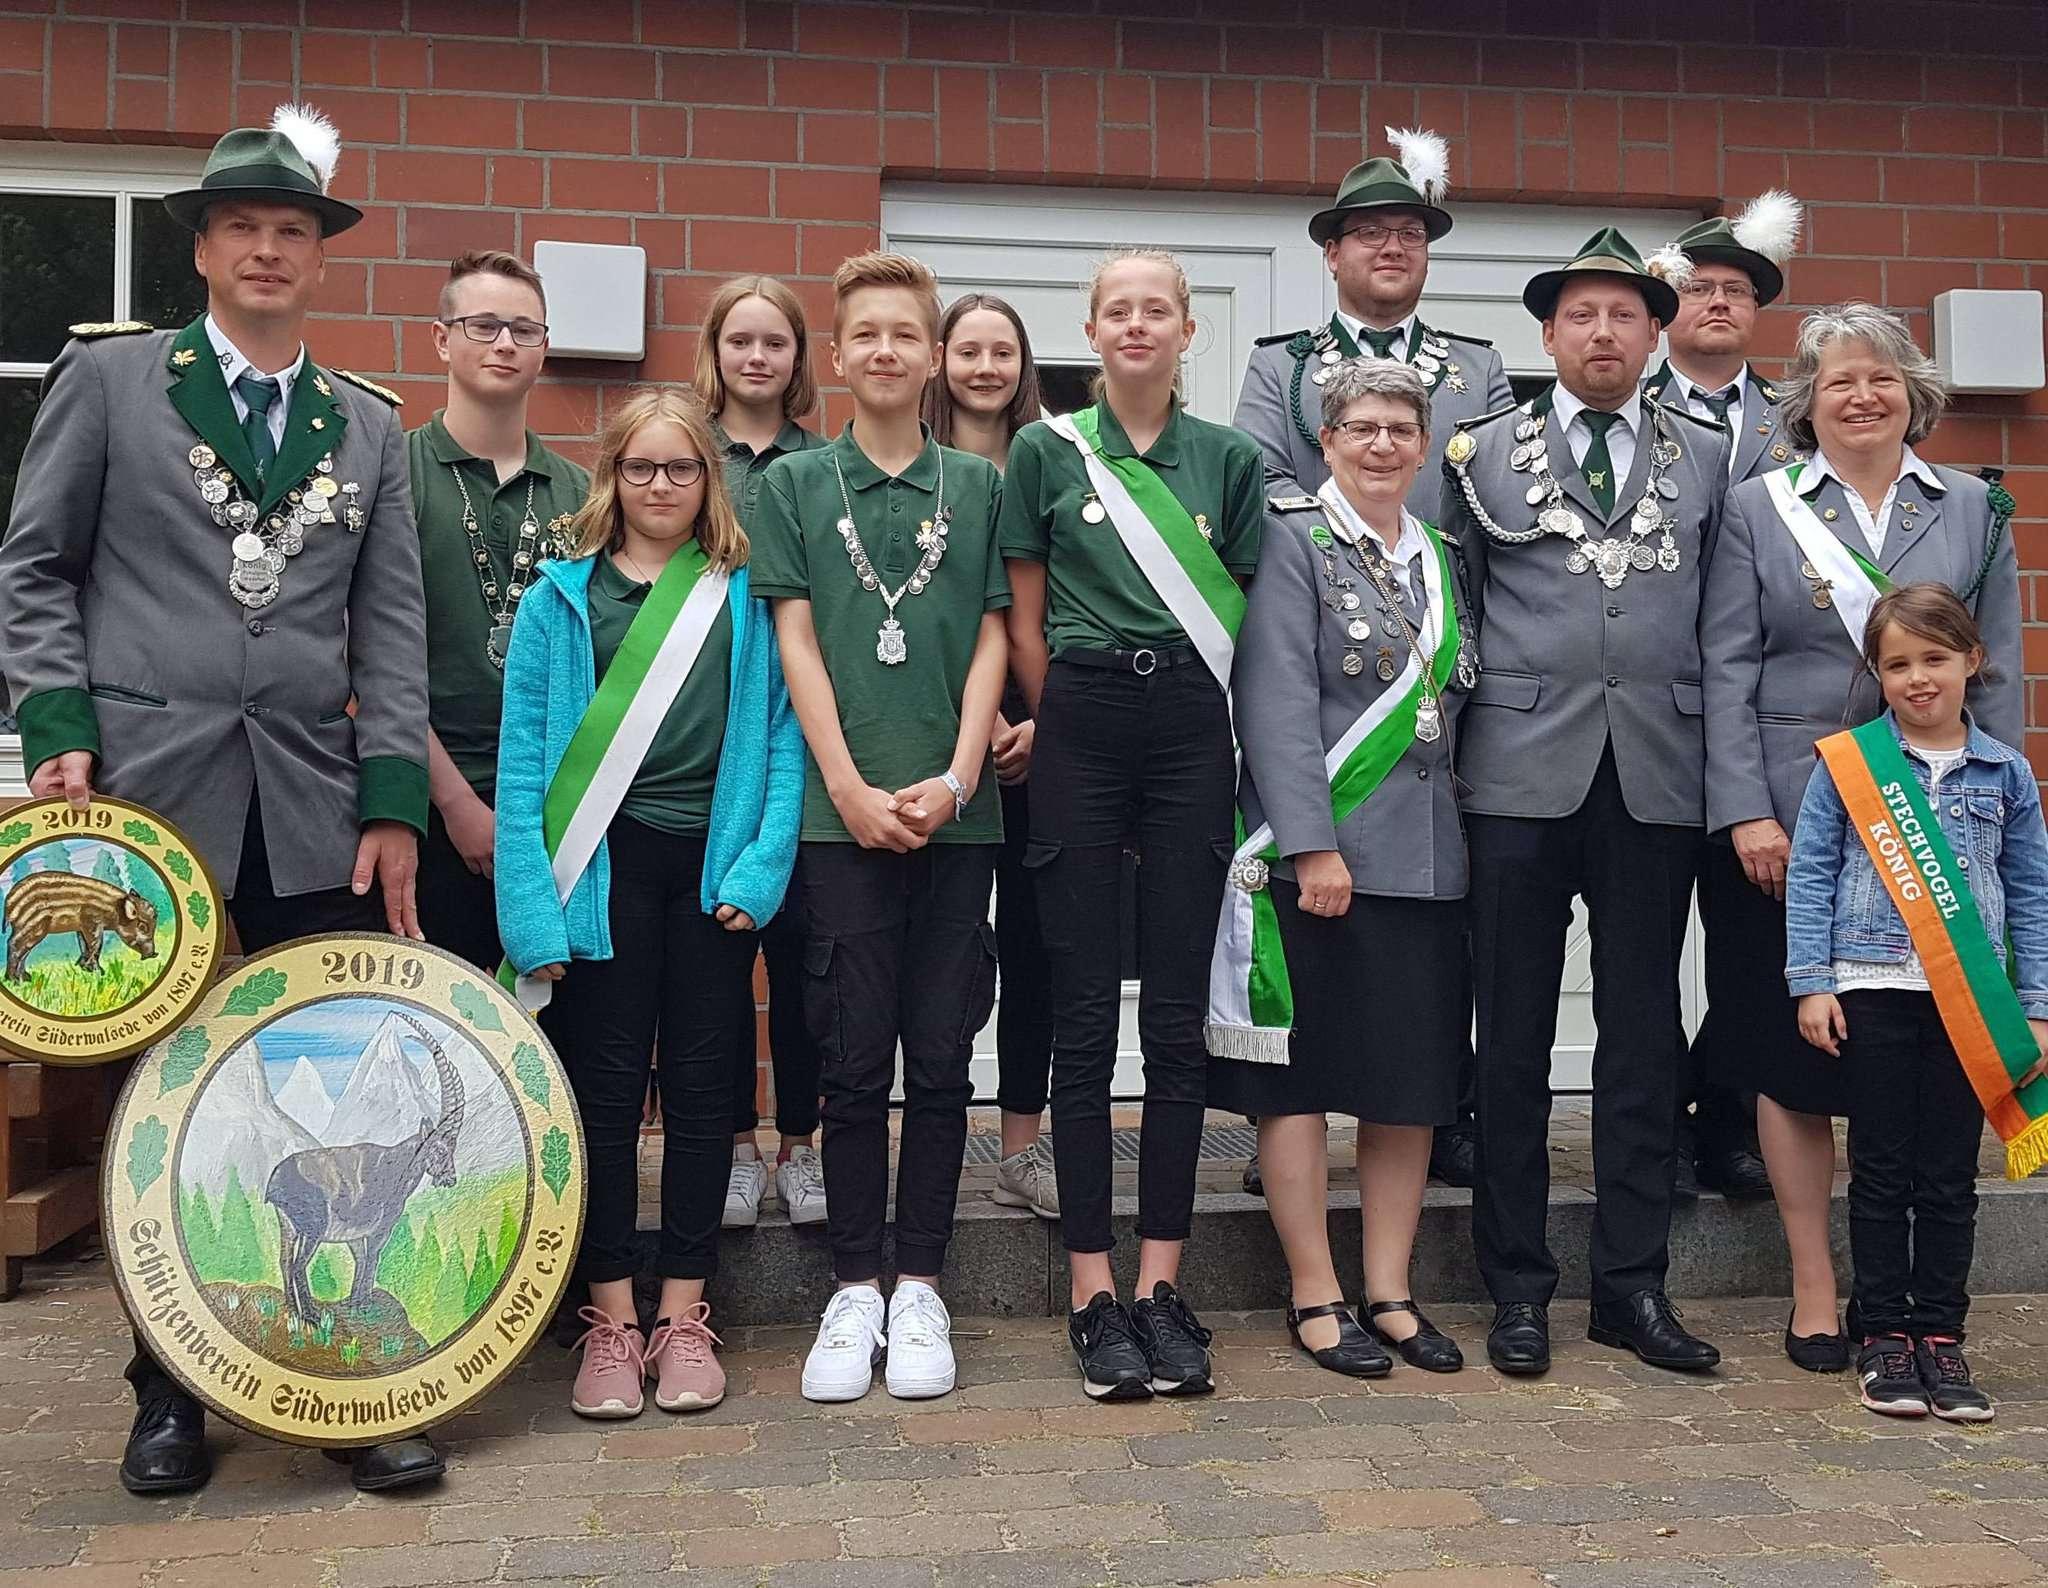 Der Schützenverein Süderwalsede präsentiert seine neuen Würdenträger.